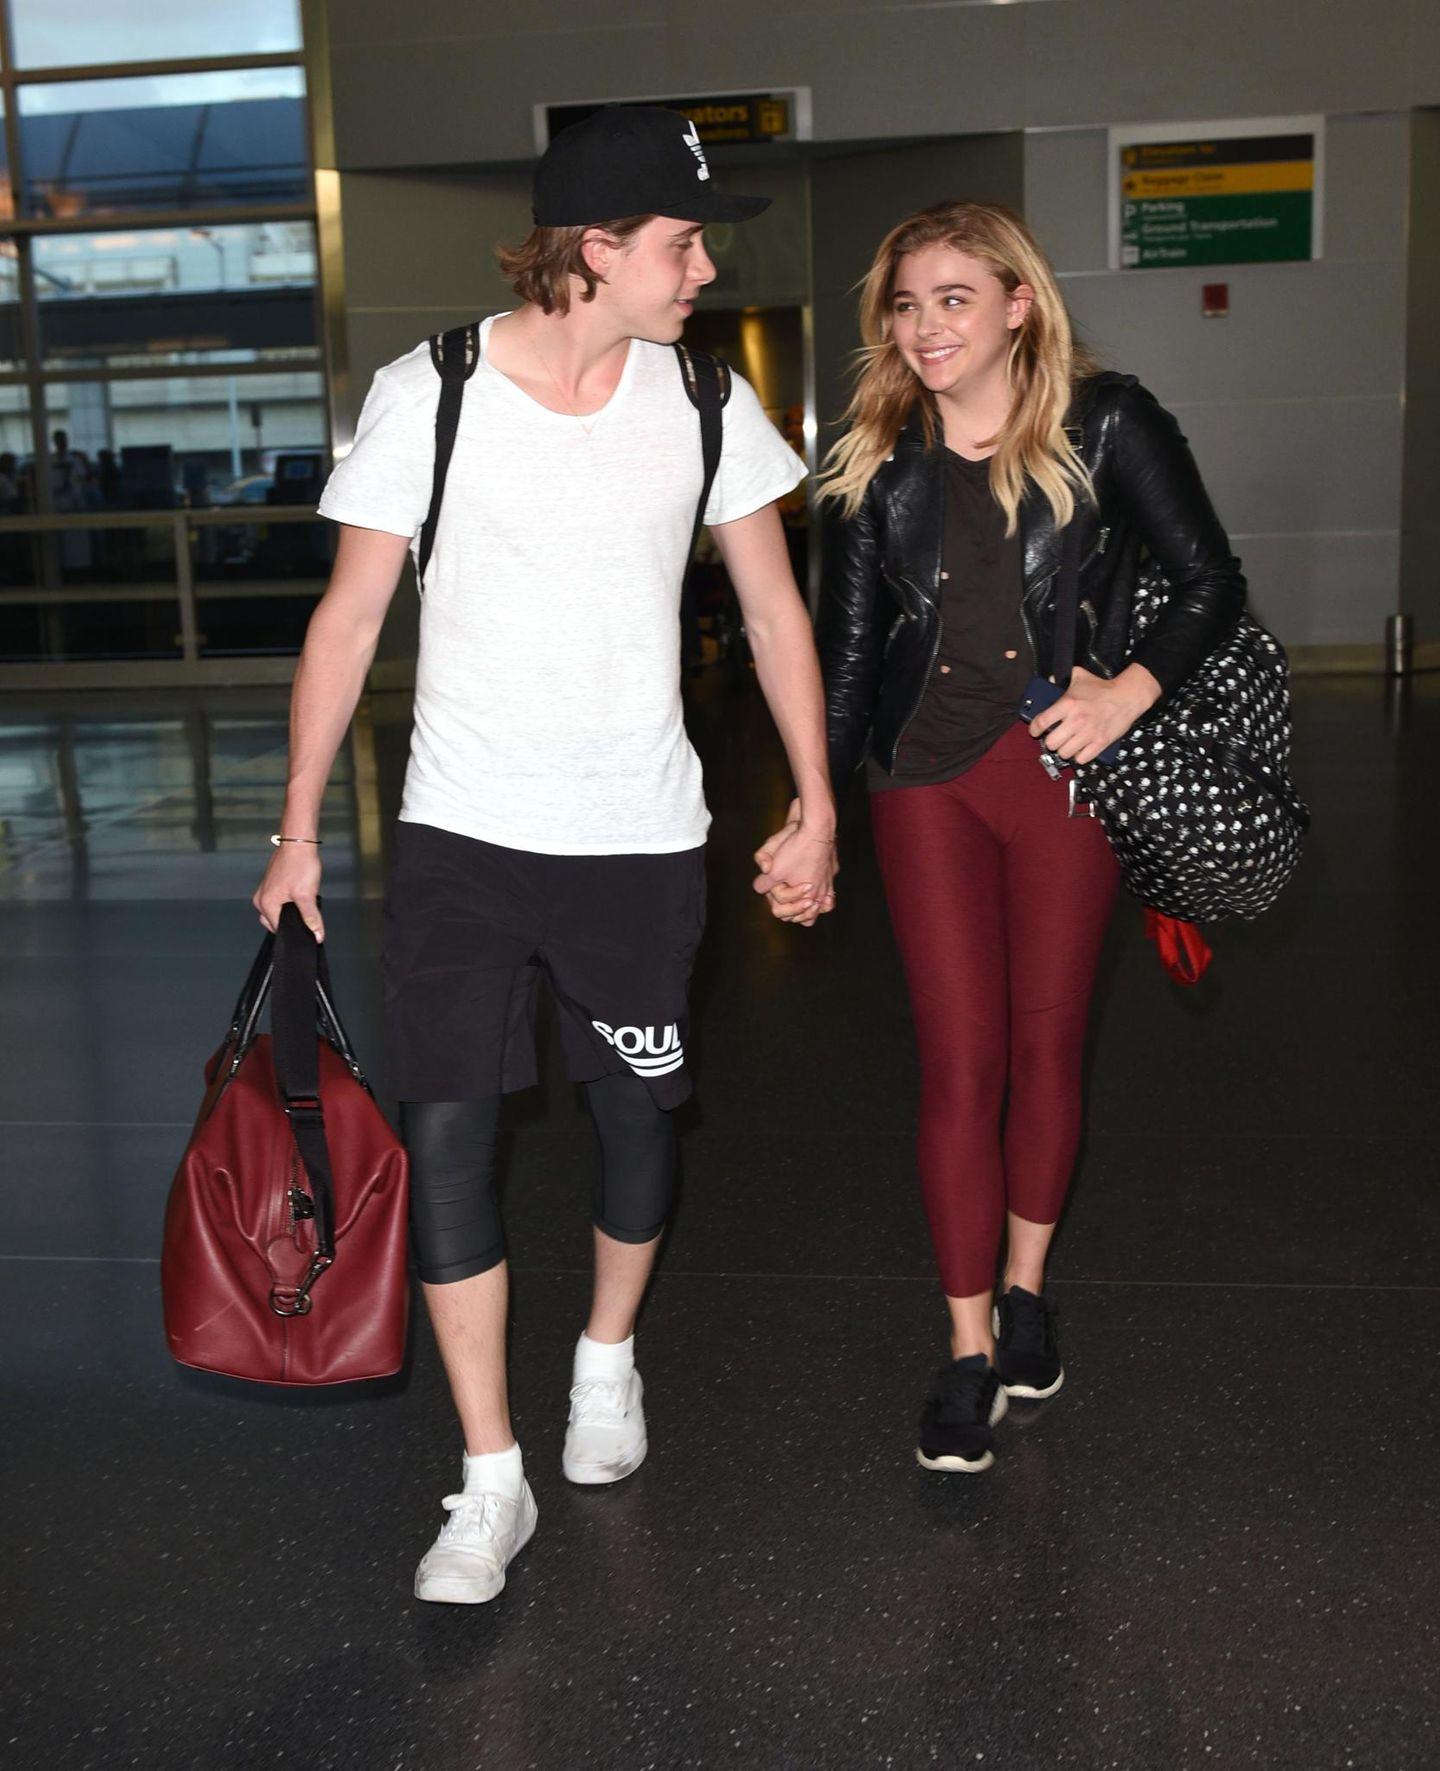 Verliebtsein beflügelt: Trotz des Überseefluges von London nach New York strahlen Brooklyn Beckham und Chloë Moretz.